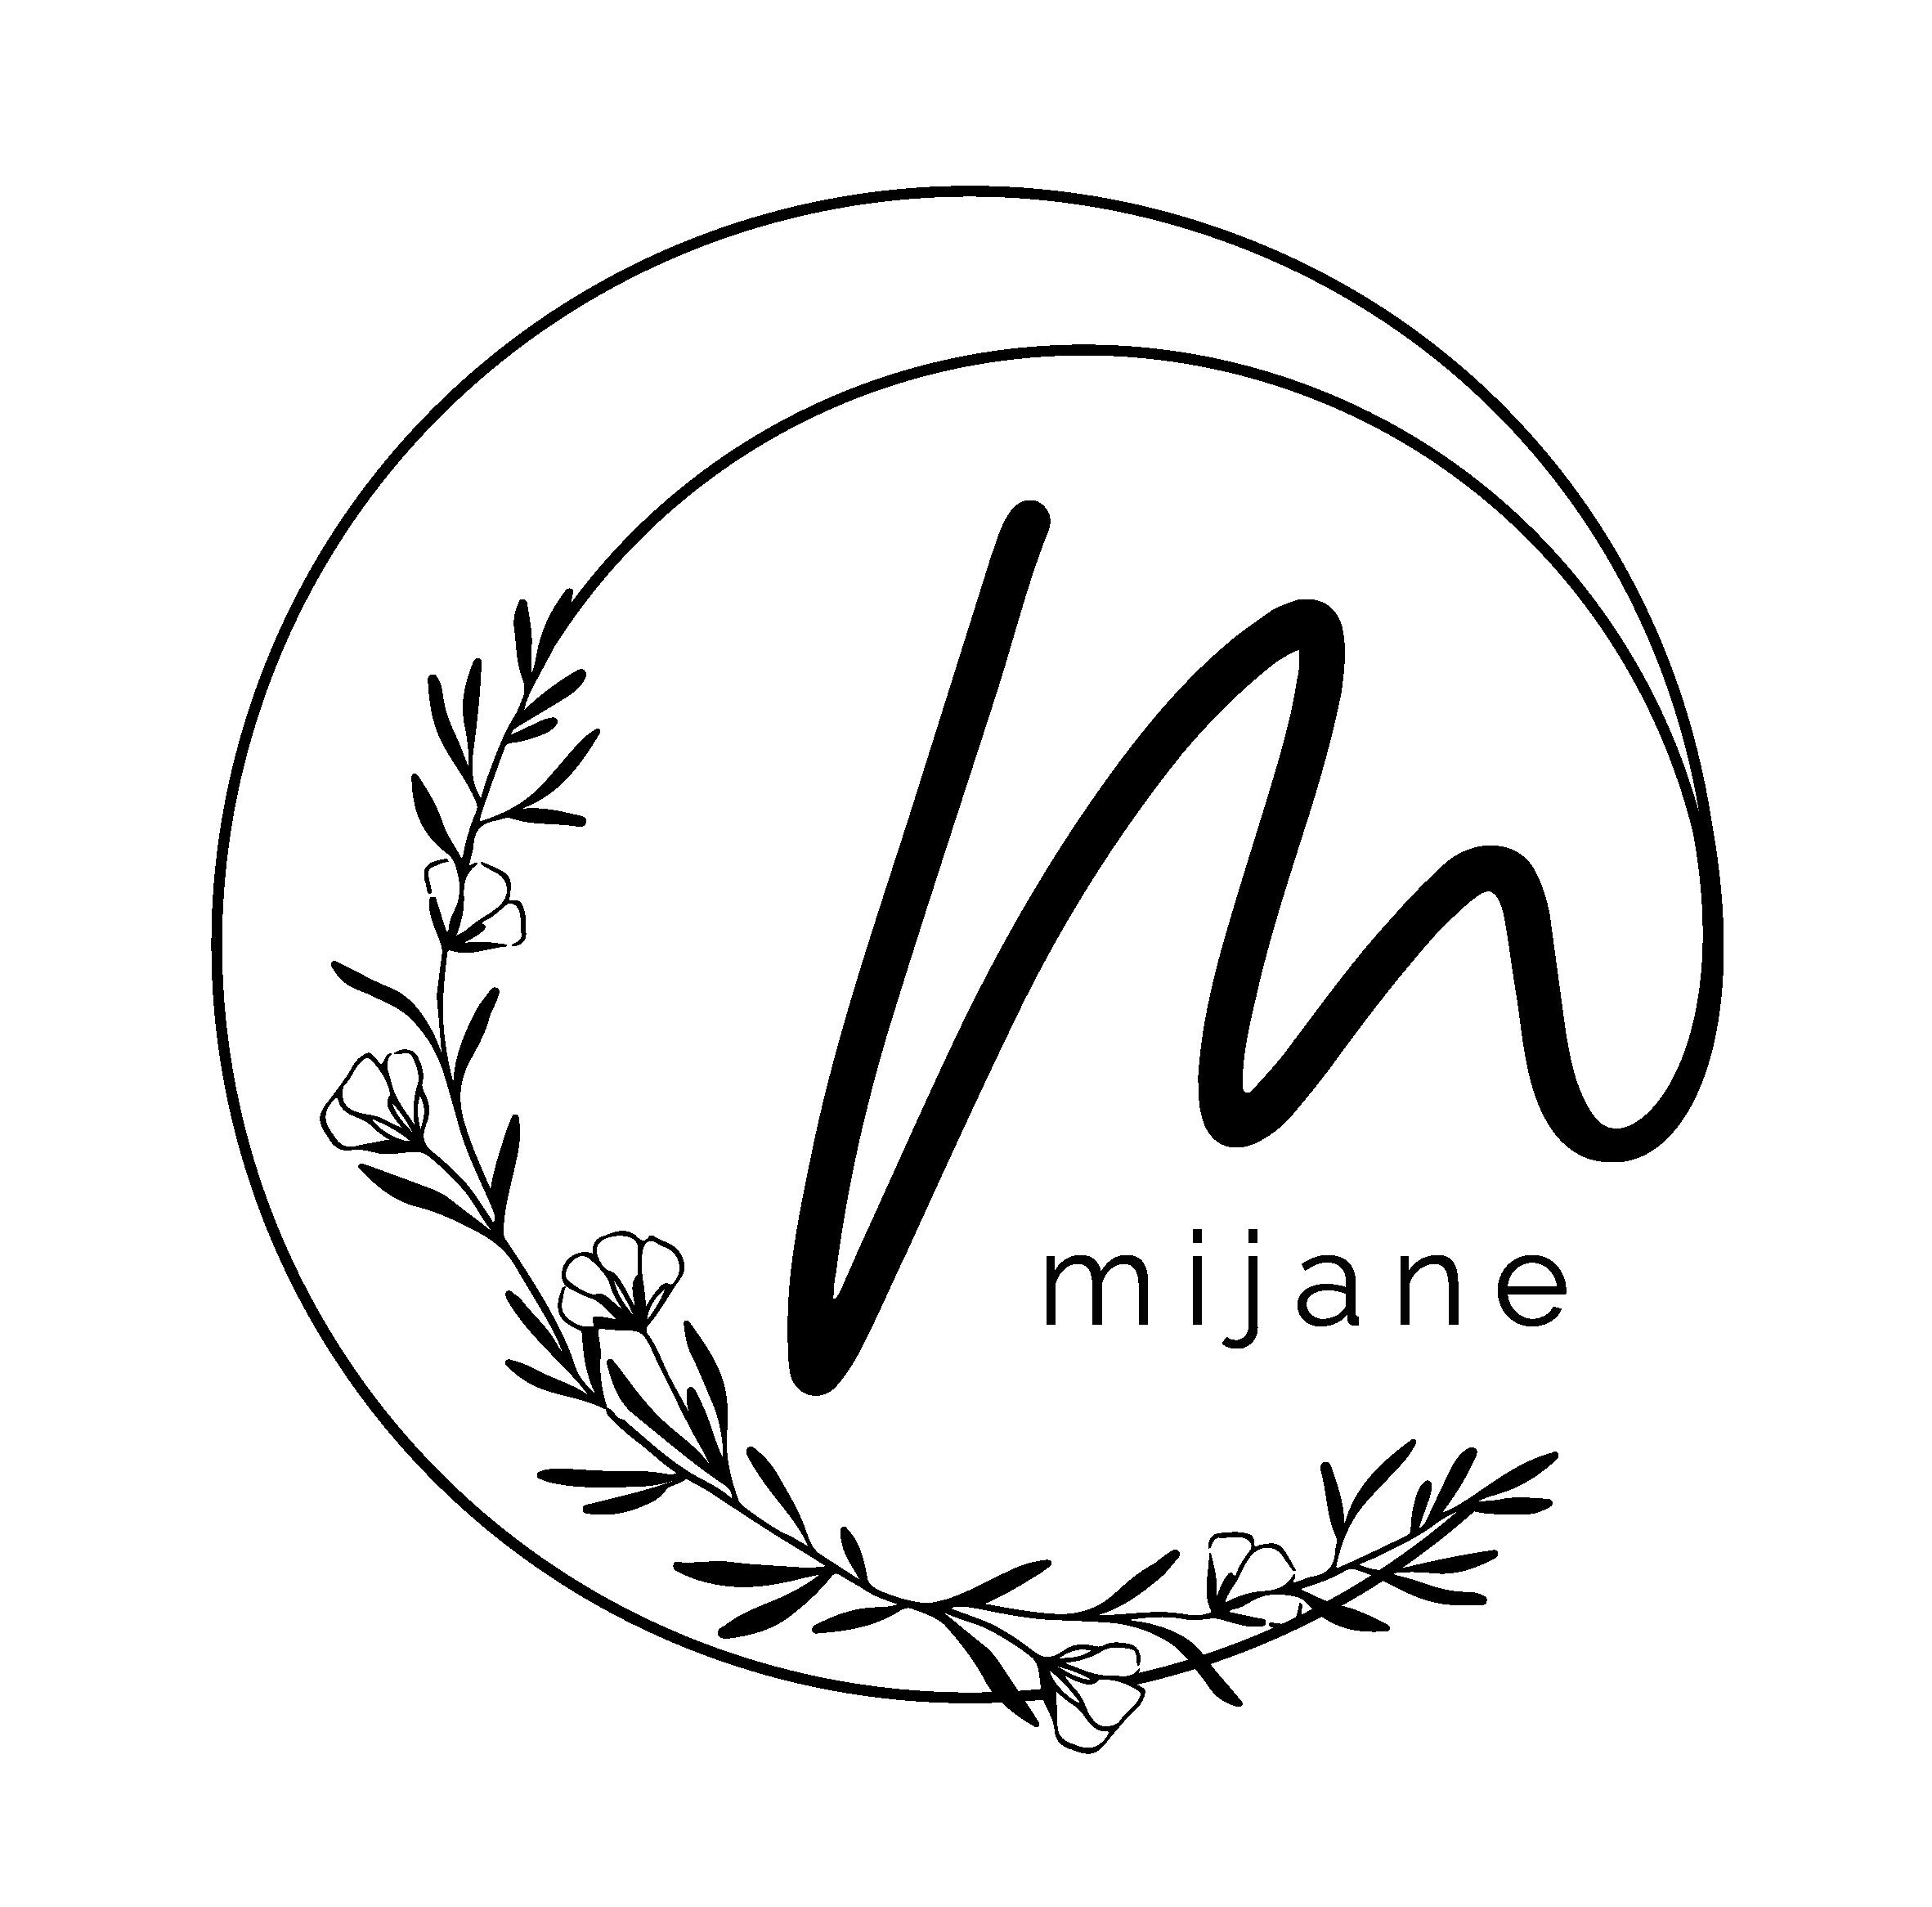 Mijane